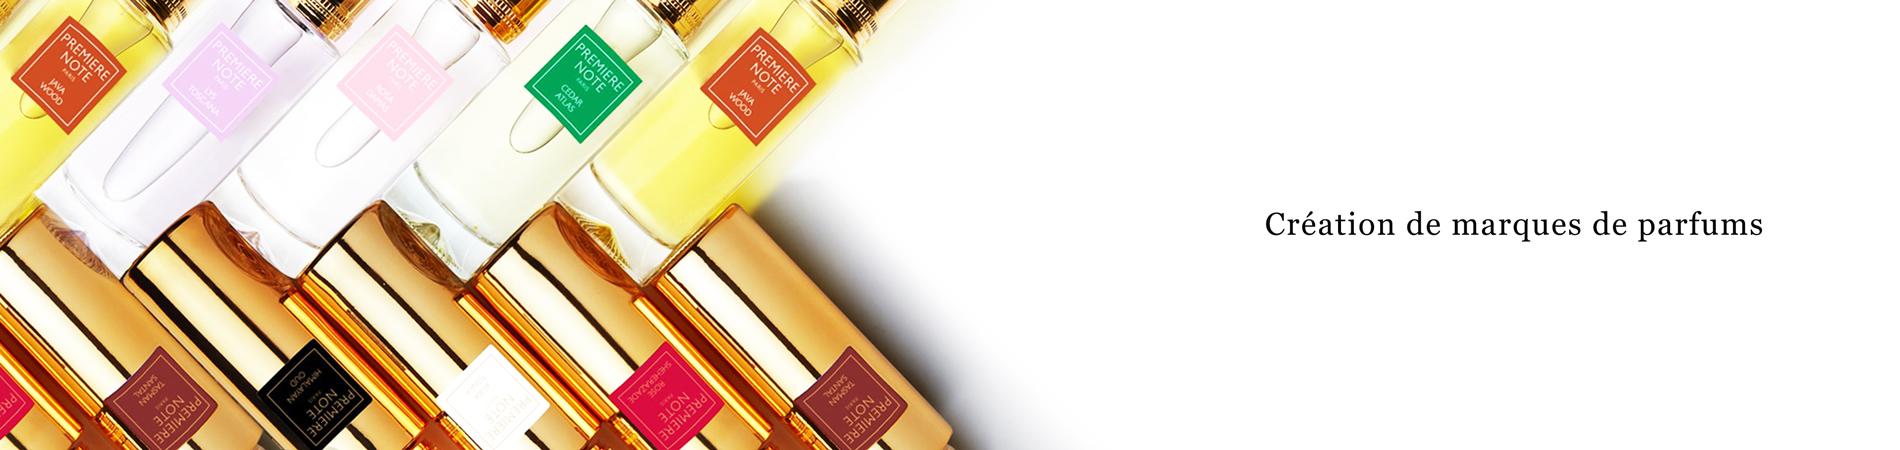 Création de marques de parfums